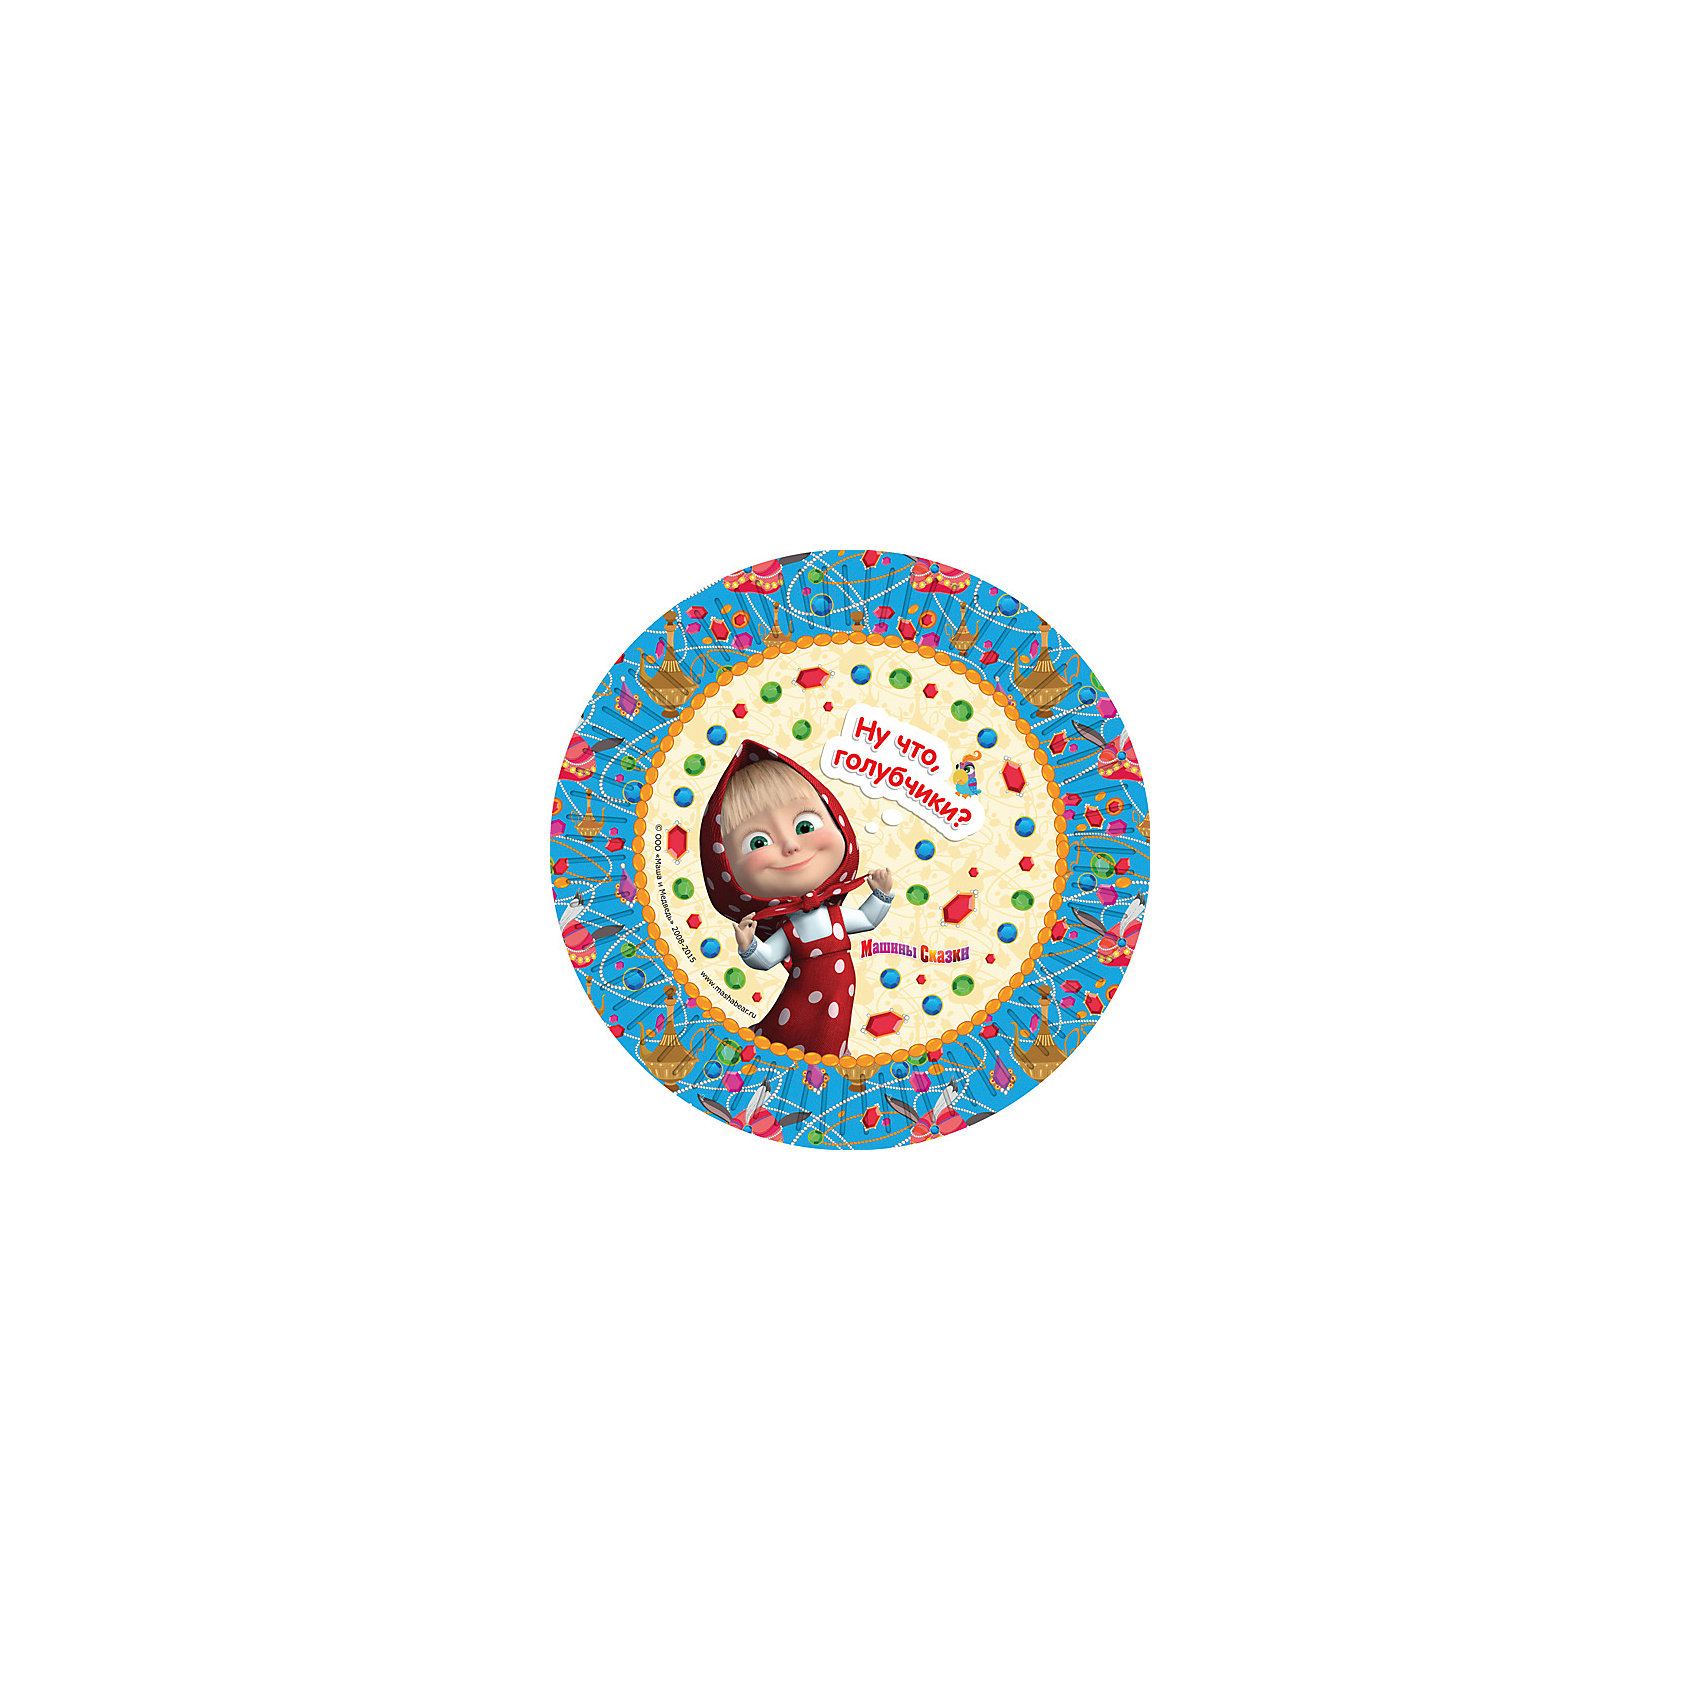 Набор тарелок Машины сказки (23 см, 6 шт)Маша и Медведь<br>Набор тарелок Машины сказки (23 см, 6 шт) – этот набор замечательно подойдет для детского праздника и поможет красиво сервировать стол.<br>Одноразовые тарелки «Машины сказки» с ярким, жизнерадостным дизайном стильно украсят праздничный стол и поднимут всем настроение. А на пикнике они просто необходимы! Их практическую пользу невозможно переоценить: они почти невесомы, не могут разбиться, их не надо мыть. Сделанные из плотной бумаги, они абсолютно безопасны и, благодаря глянцевому ламинированию, прекрасно удерживают еду. Из данной серии вы также можете выбрать скатерть, салфетки, стаканы, язычки, колпаки, дудочки, подарочный набор посуды, приглашение в конверте, гирлянду, свечи и другие товары.<br><br>Дополнительная информация:<br><br>- В наборе: 6 бумажных тарелок диаметром 23 см.<br>- Материал: плотная бумага<br>- Размер упаковки: 230 х 230 x 20 мм.<br>- Вес: 80 гр.<br><br>Набор тарелок Машины сказки (23 см, 6 шт) можно купить в нашем интернет-магазине.<br><br>Ширина мм: 230<br>Глубина мм: 230<br>Высота мм: 10<br>Вес г: 80<br>Возраст от месяцев: 36<br>Возраст до месяцев: 84<br>Пол: Женский<br>Возраст: Детский<br>SKU: 4278316